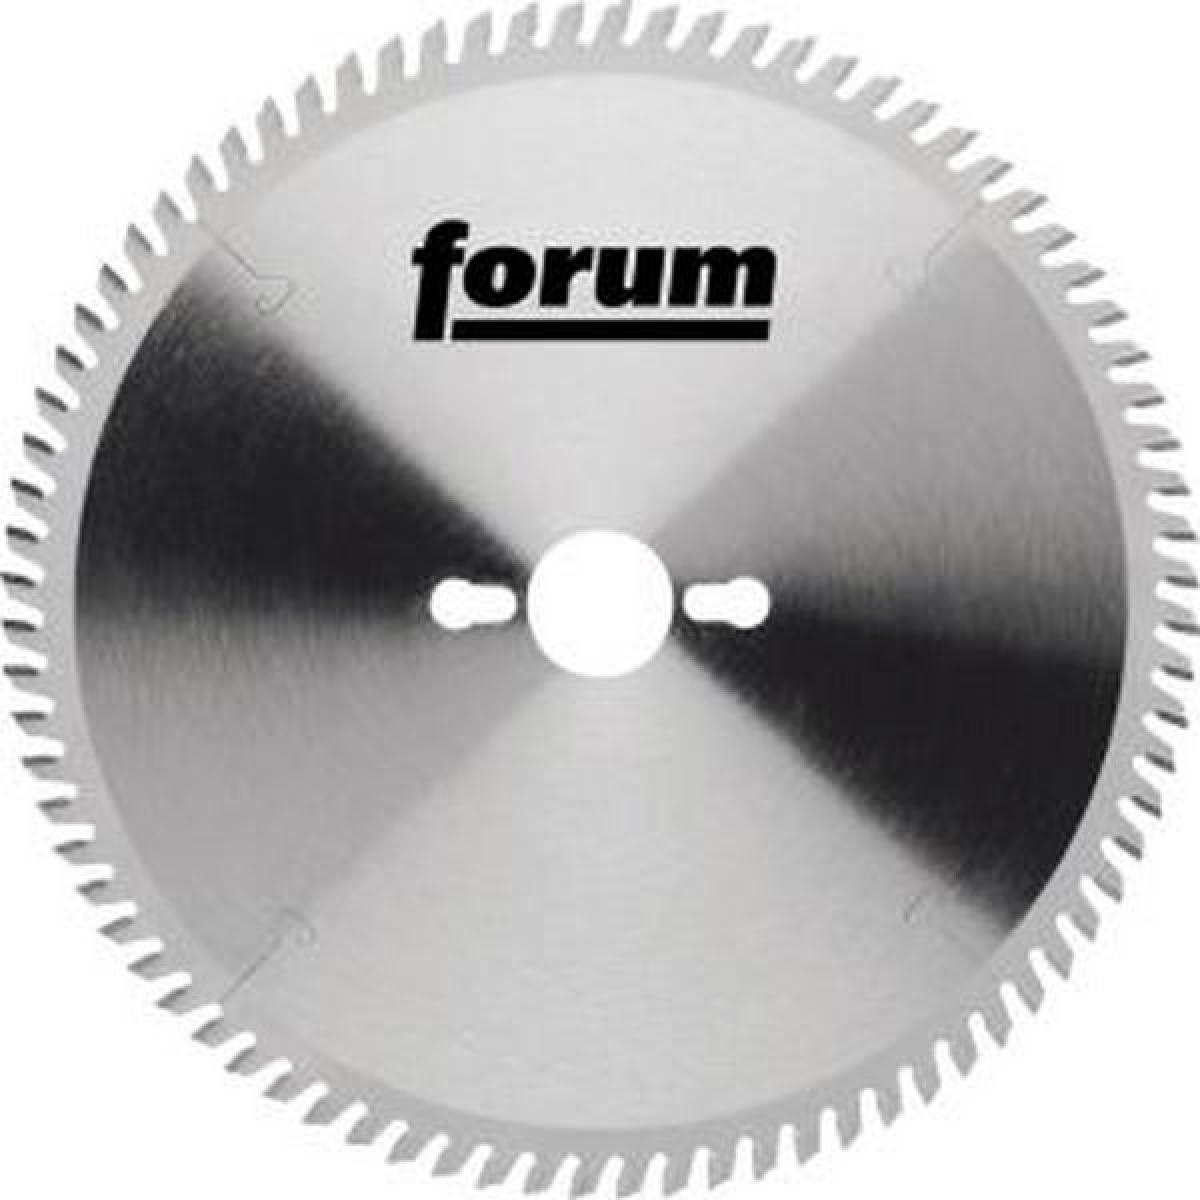 Forum Lame de scie circulaire, Ø : 350 mm, Larg. : 3,5 mm, Alésage 30 mm, Perçages secondaires : 2KNL*, Dents : 32